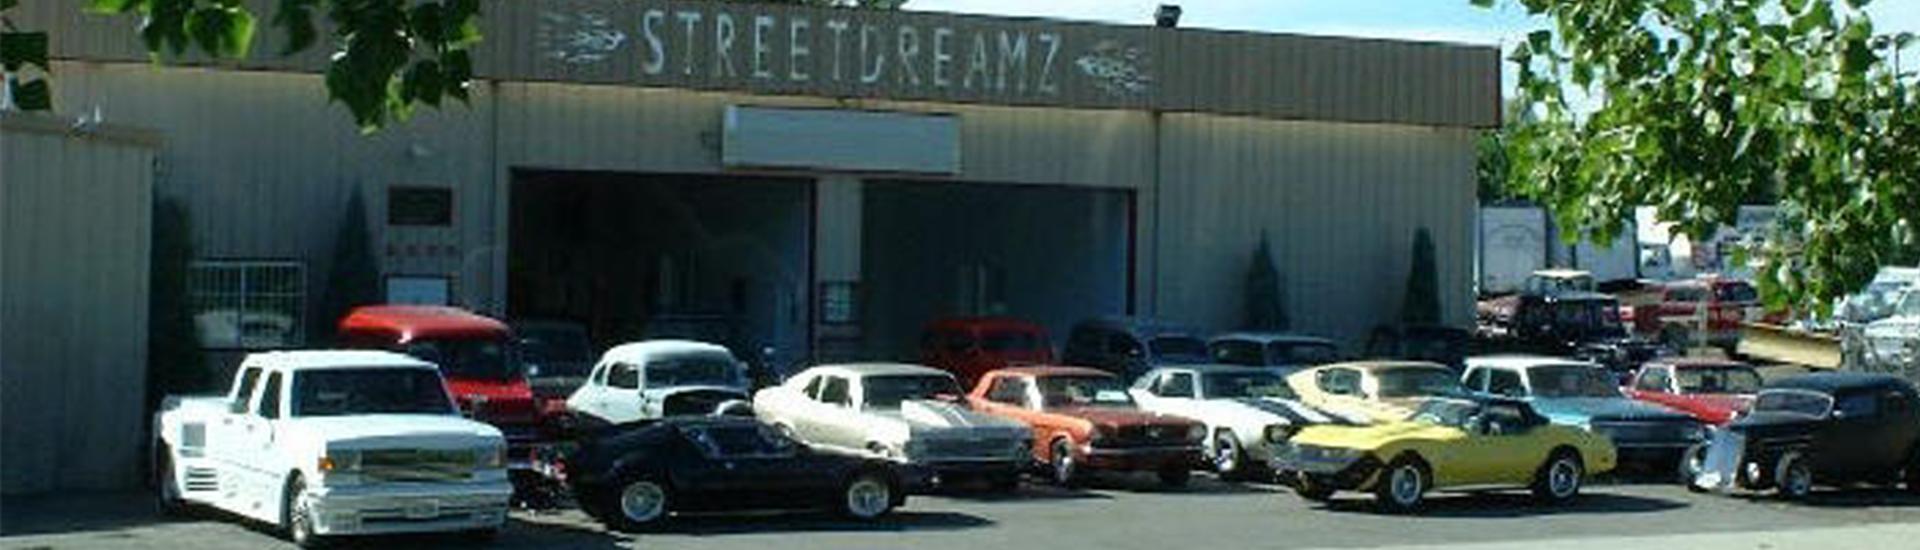 Classic Cars Denver >> Street Dreamz Car Dealer In Denver Co